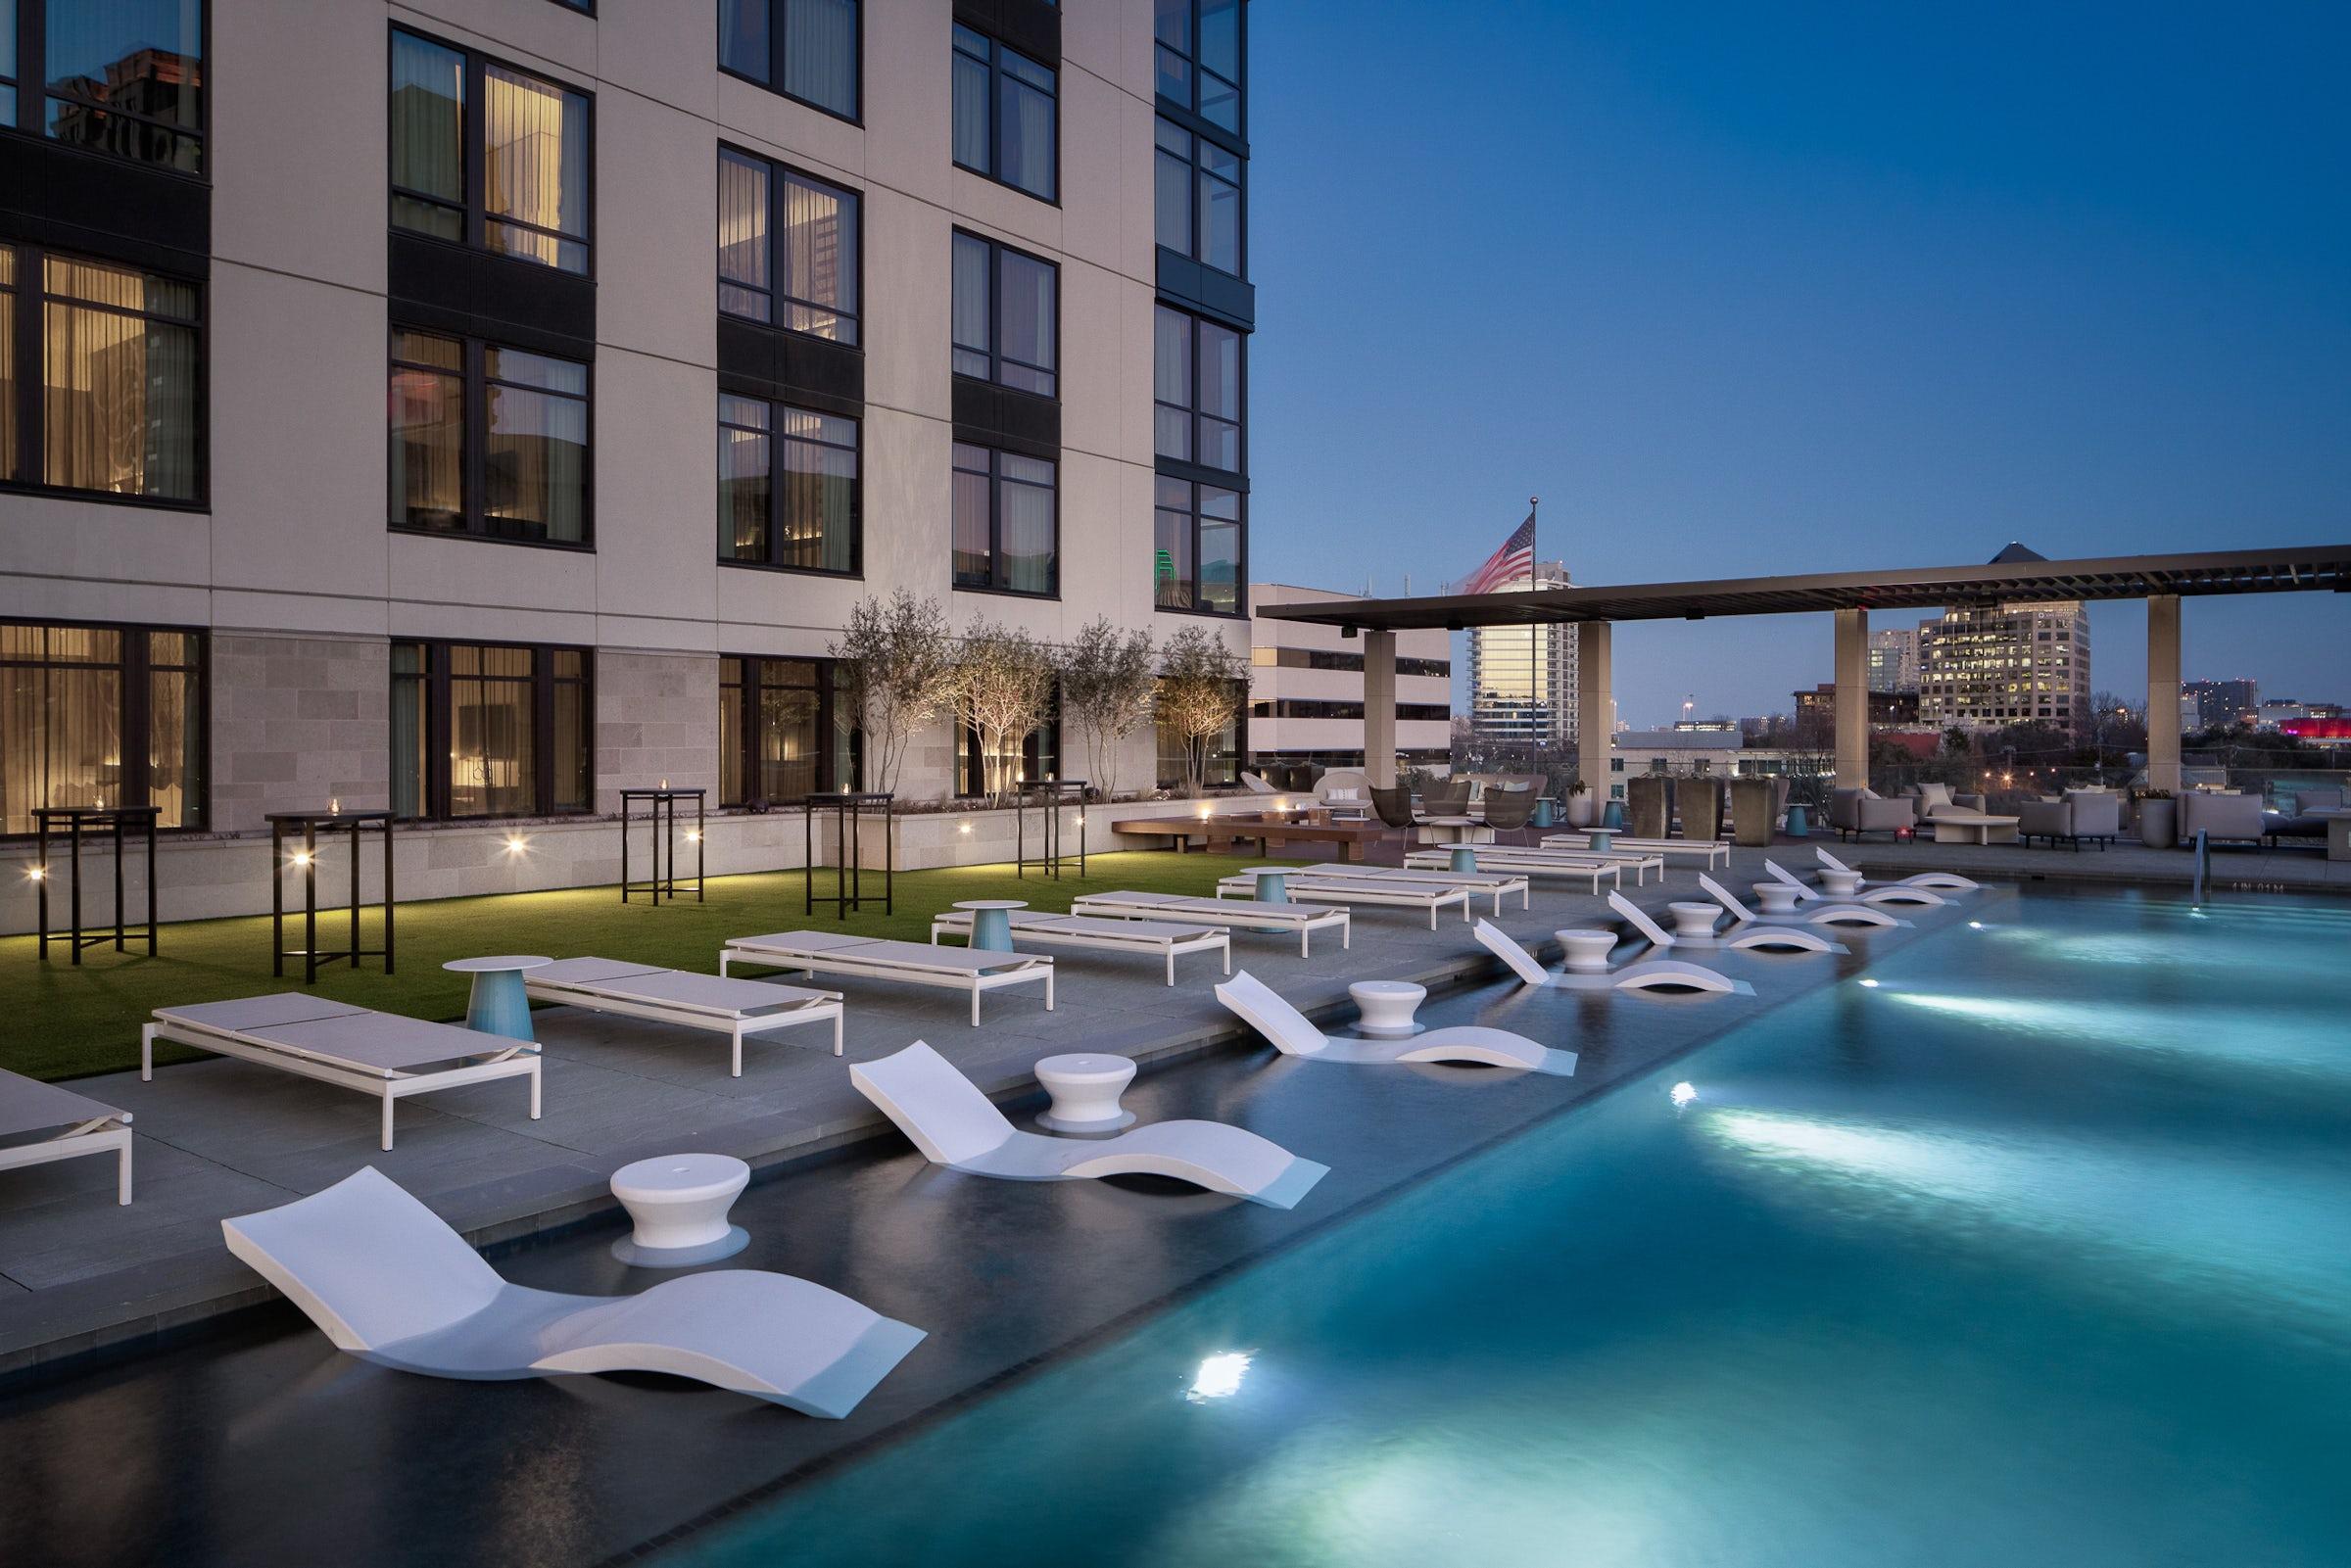 Dallas Marriott Uptown in Beyond Dallas